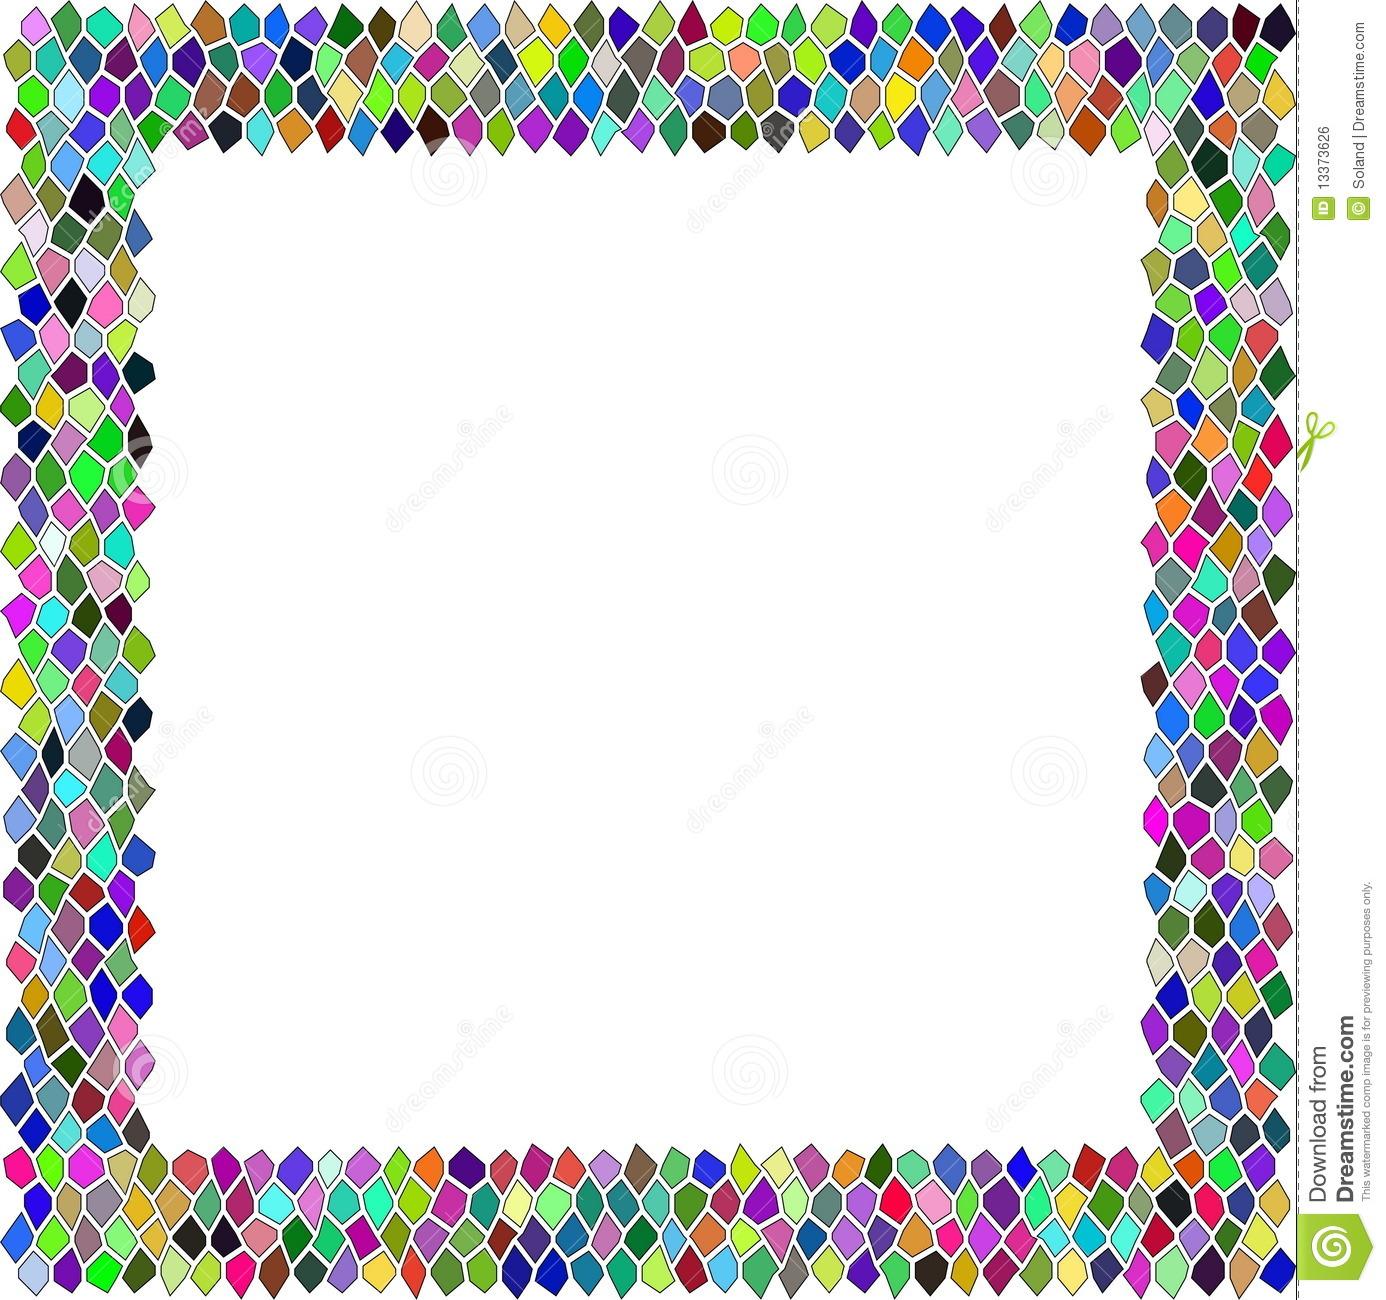 Mosaic clip art.